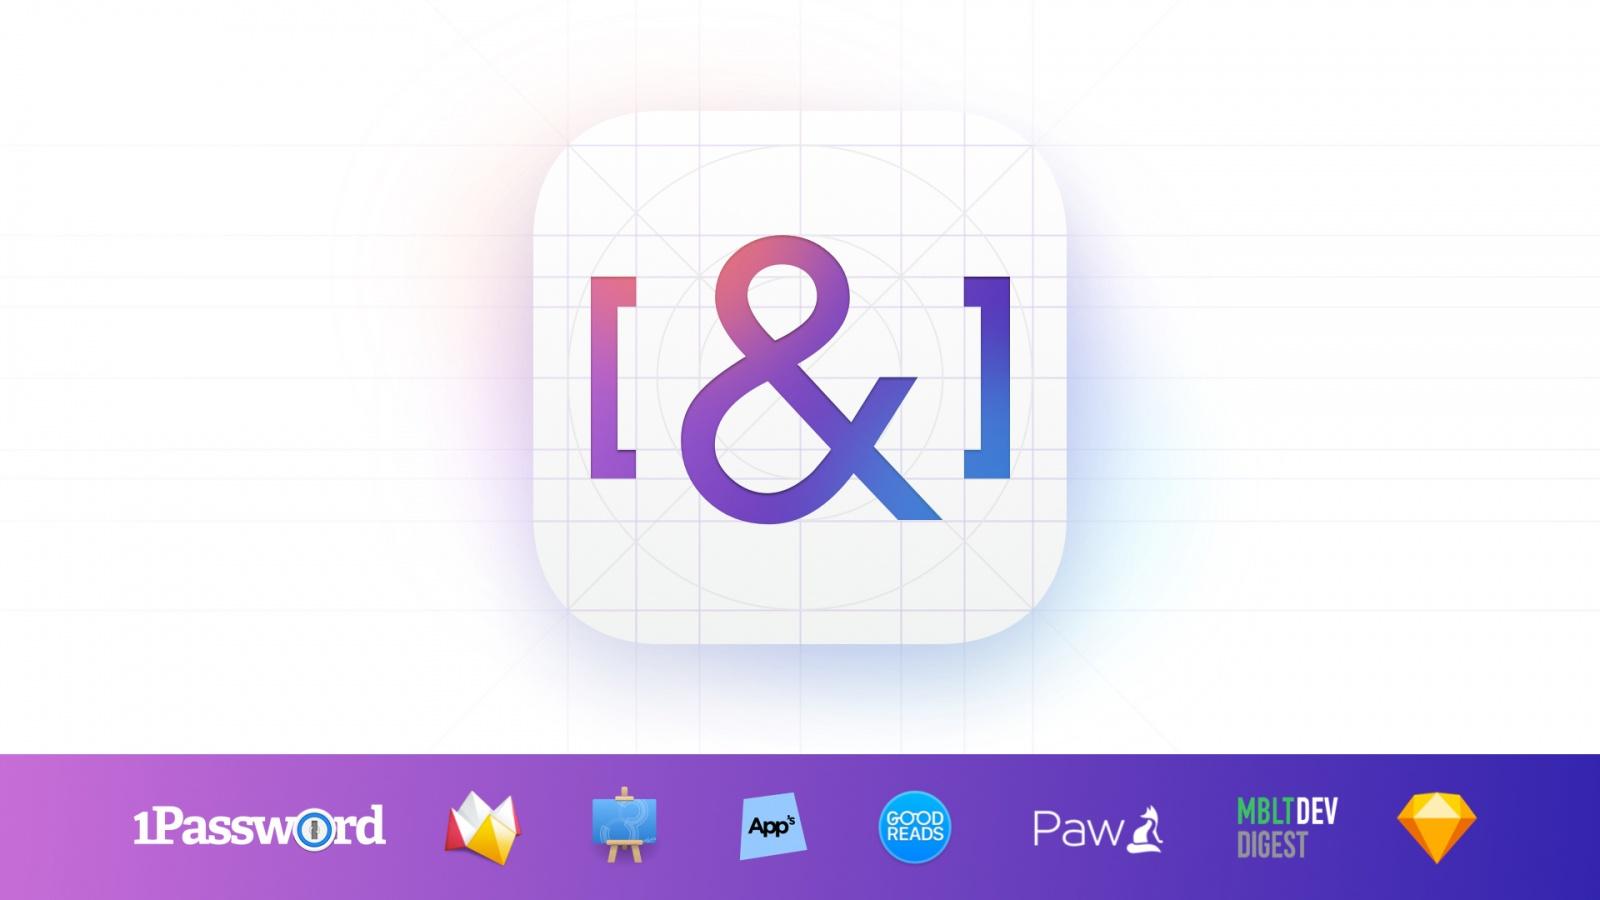 По итогам Rambler.iOS #9 - 1